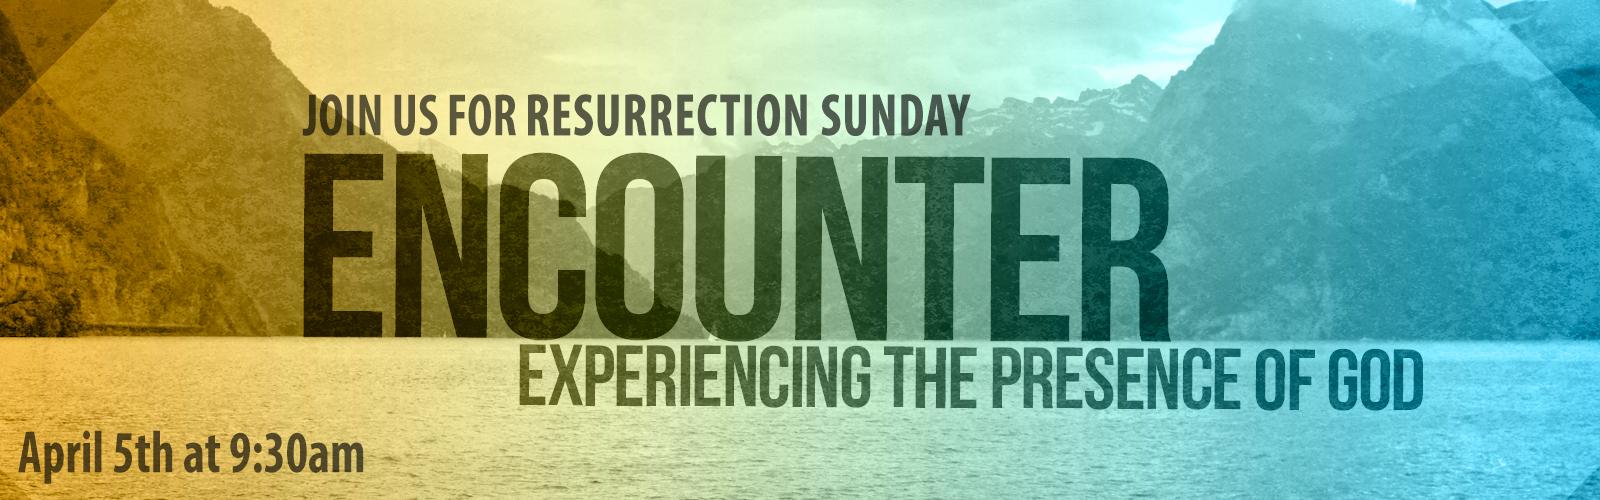 Resurrection Sunday 2015